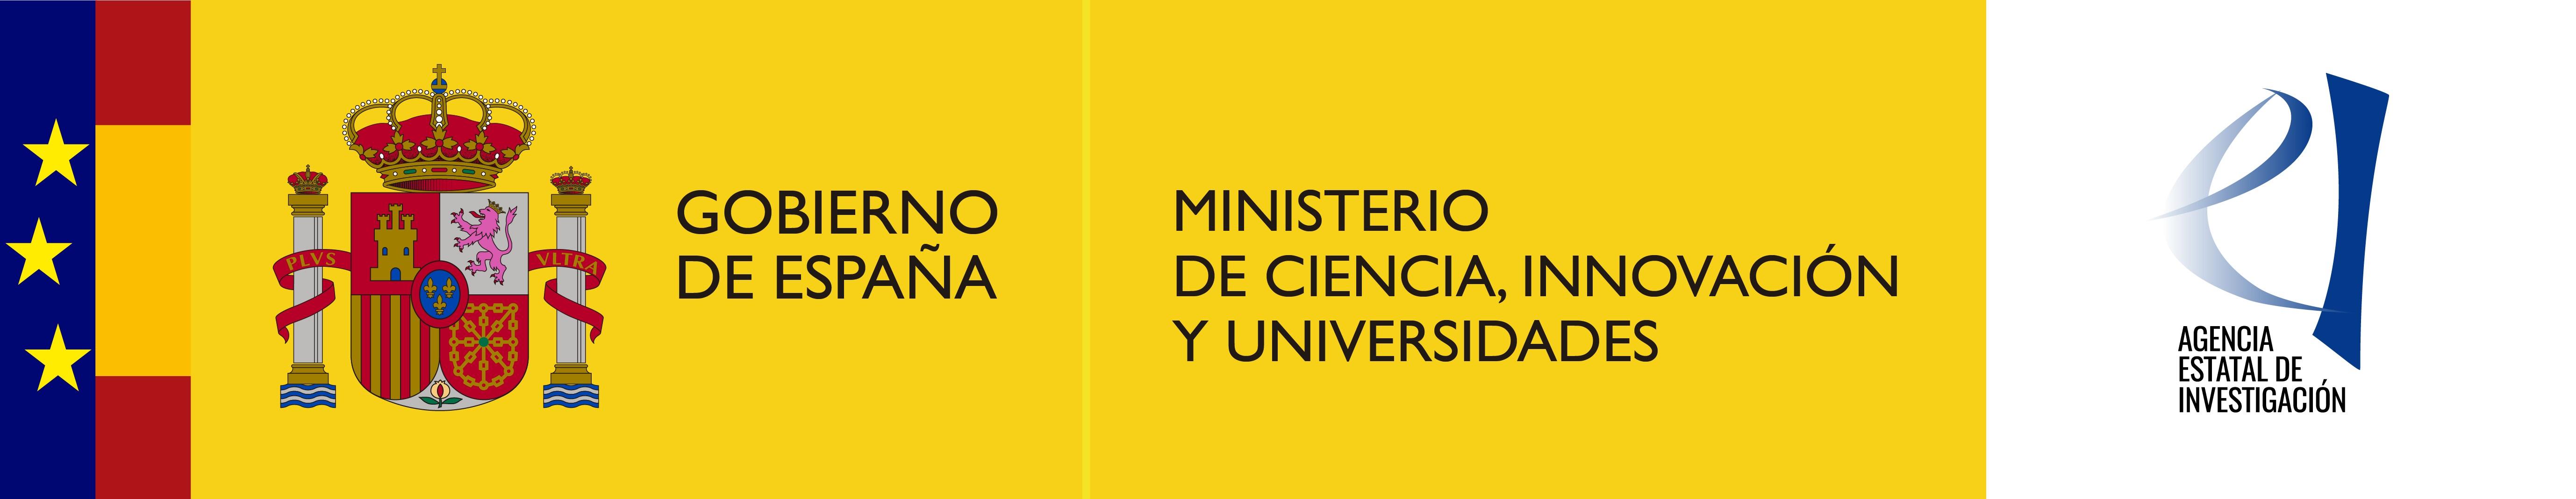 ministerio de ciencia, innovacion y universidades logo